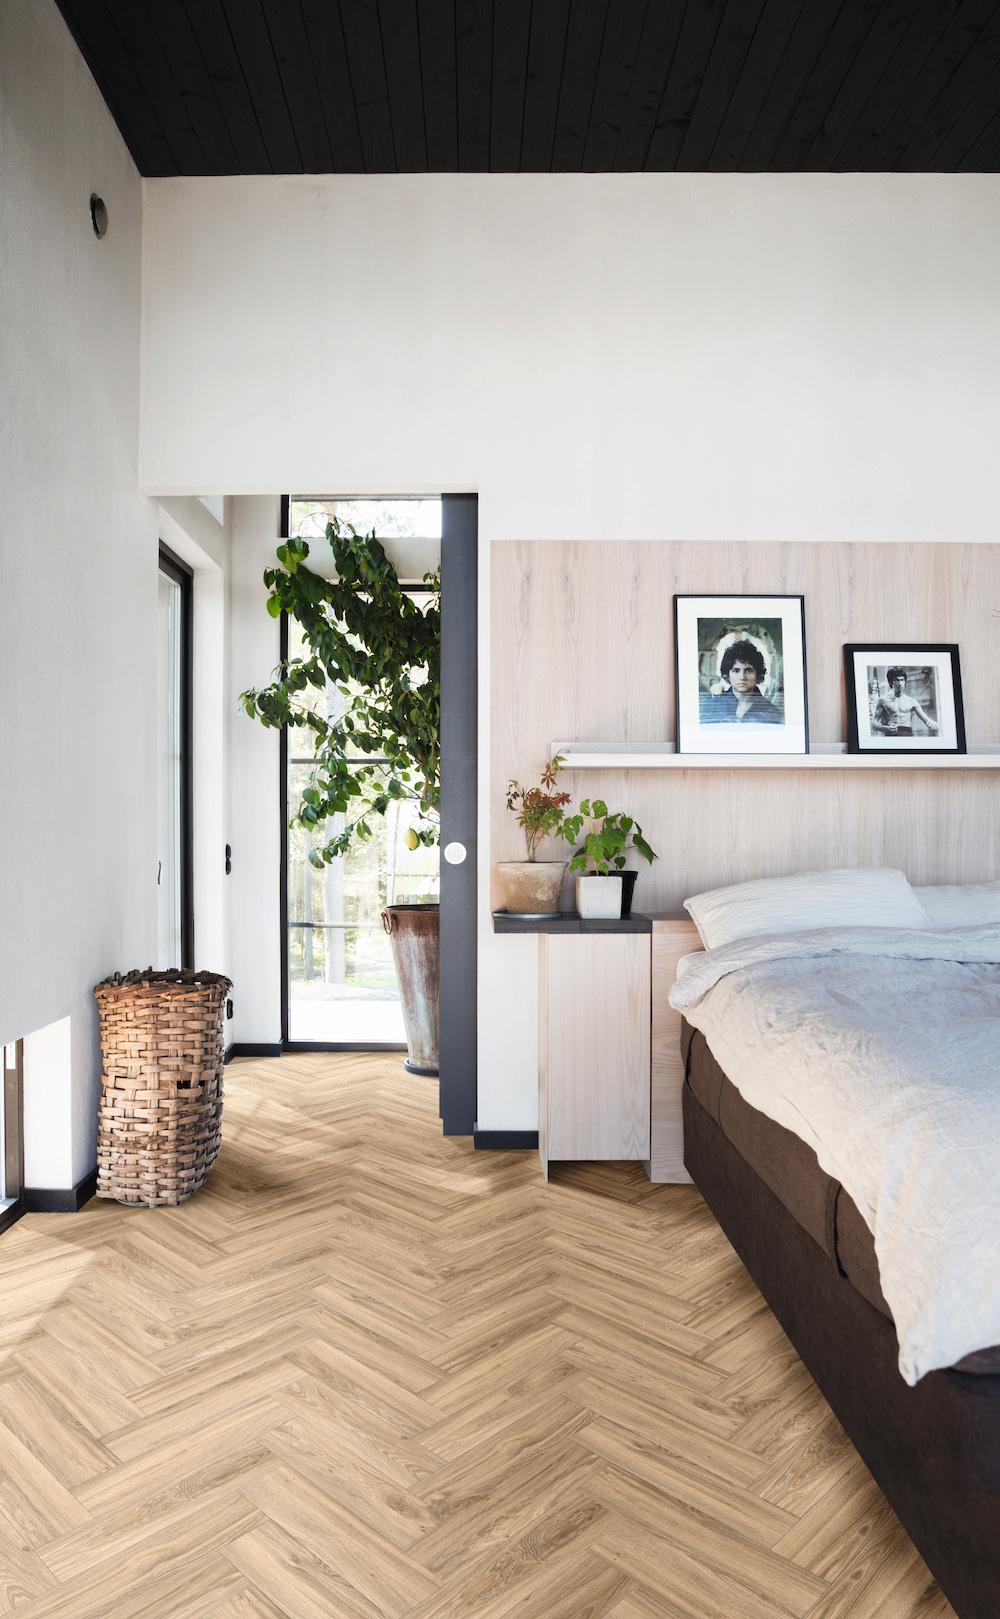 Slaapkamer met visgraat vloer #slaapkamer #inspiratie #vloer #moduleo